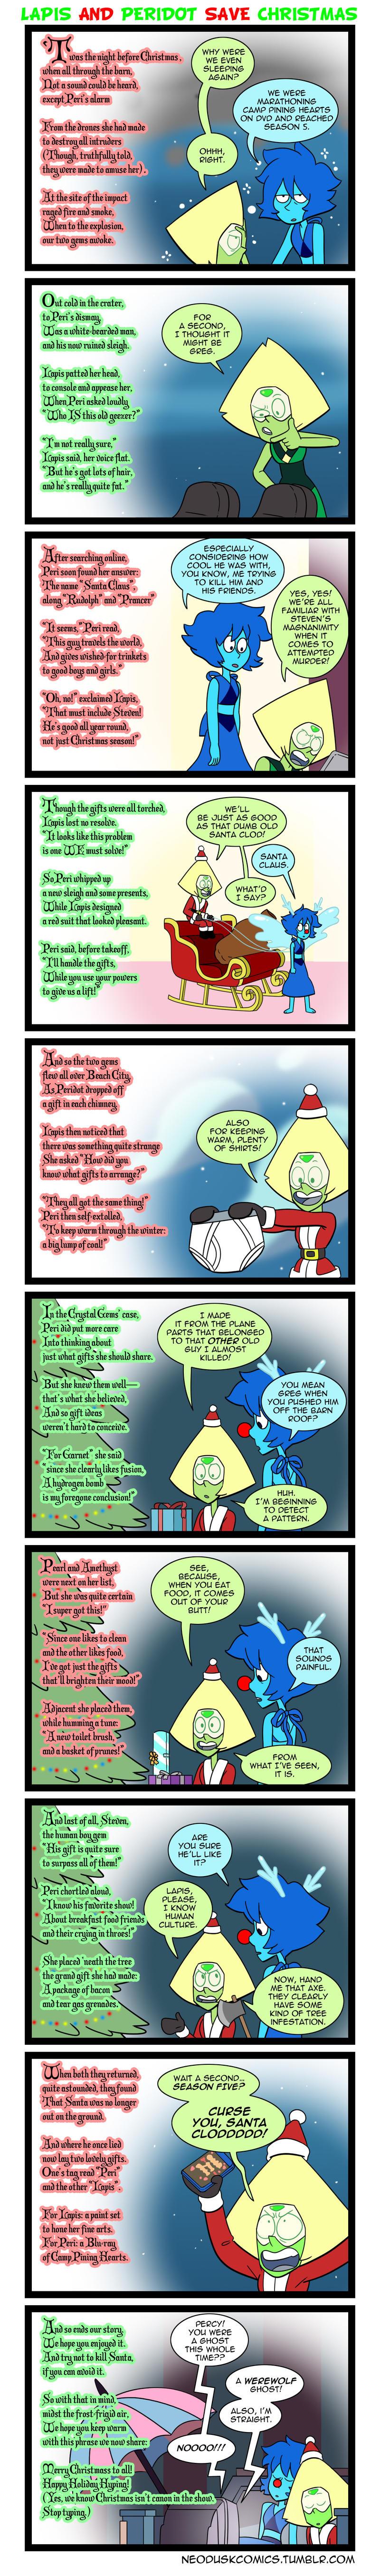 Lapis and Peridot Save Christmas by Neodusk